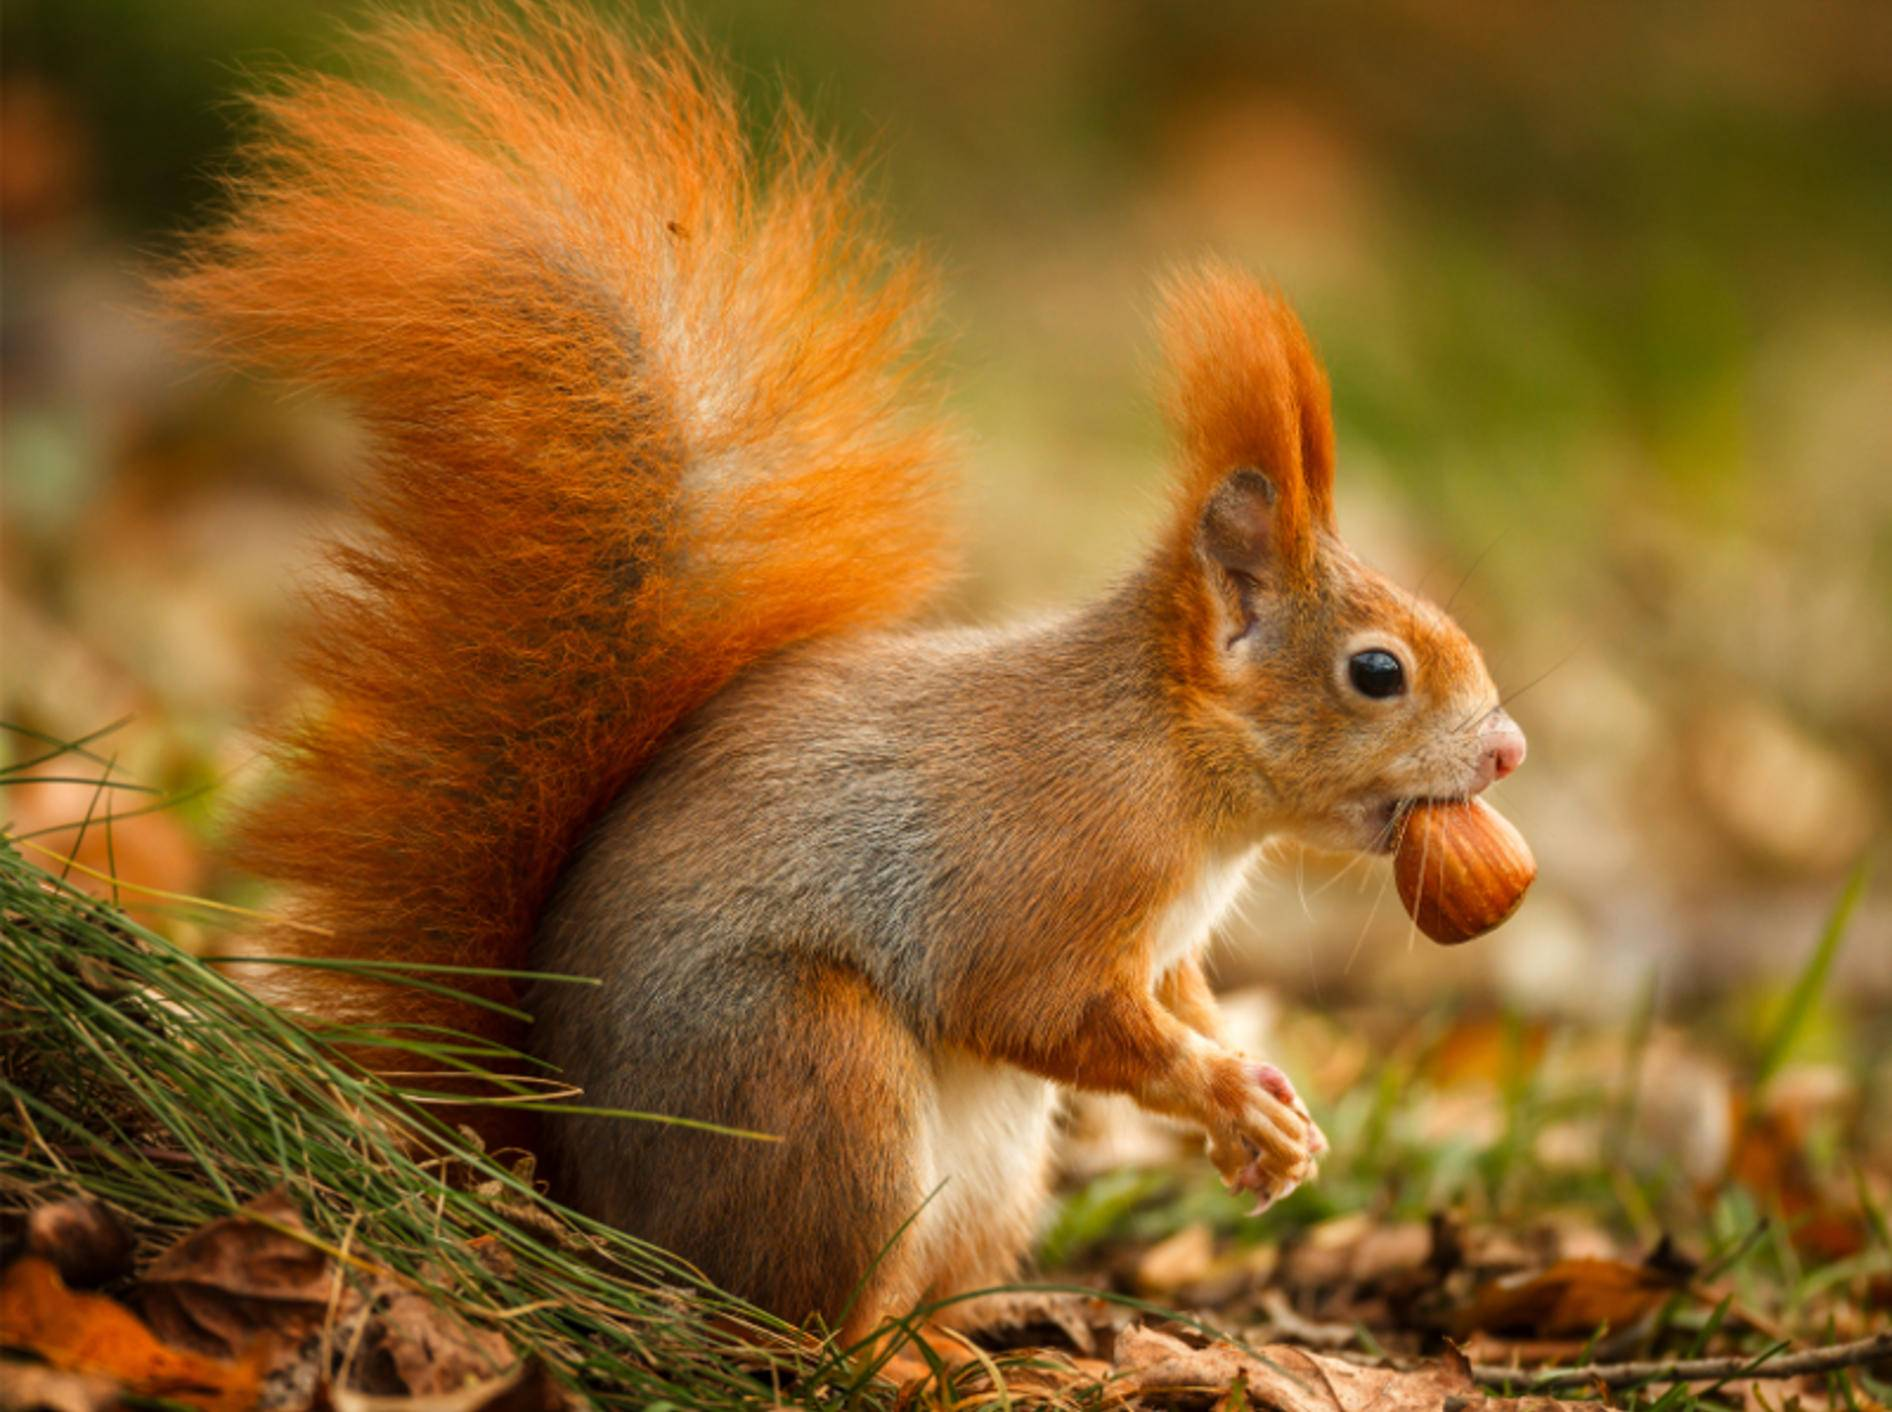 """Eichhörnchen hat eine Nuss gefunden: """"Leckerrrrr!"""" – Bild: Shutterstock / Neil Burton"""